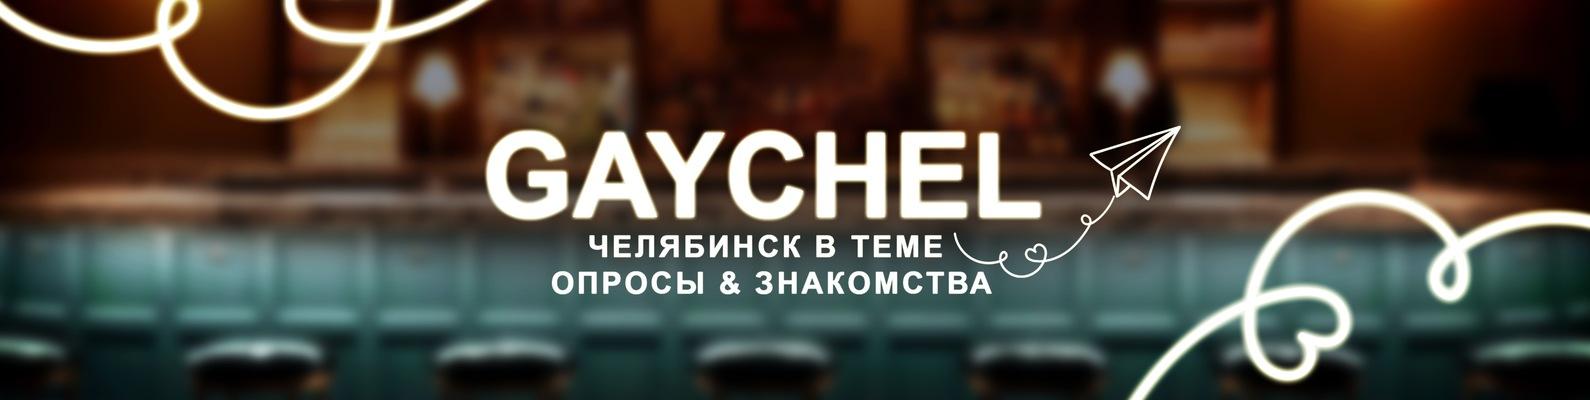 гей знакомства в челябинске и челябинской области